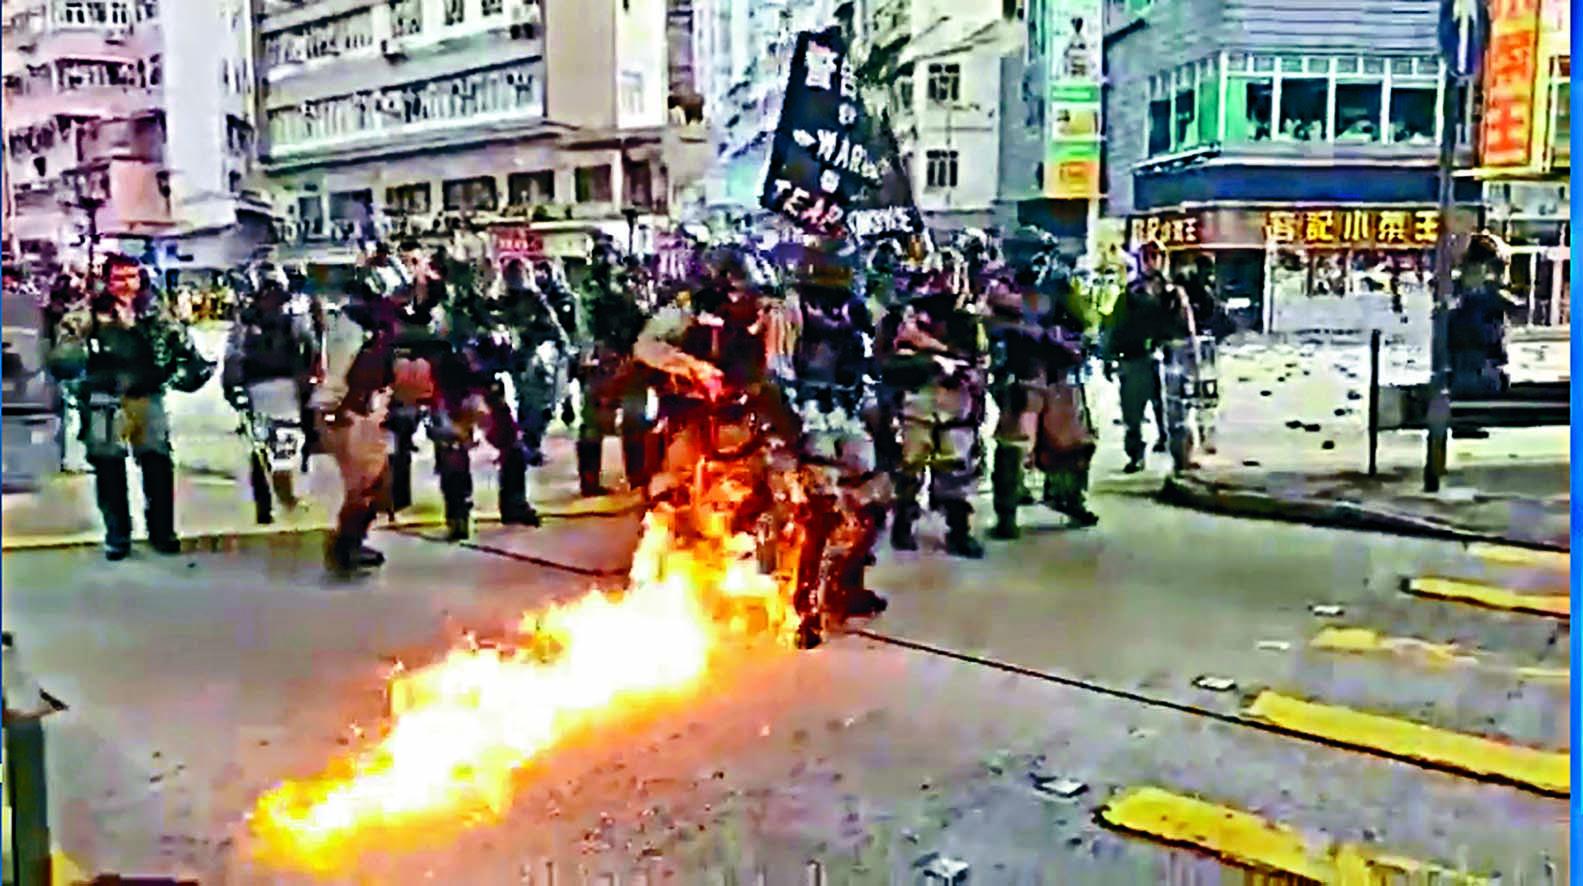 有警員遭汽油彈擊中,褲腳及靴着火,幸及時踩熄避一劫。